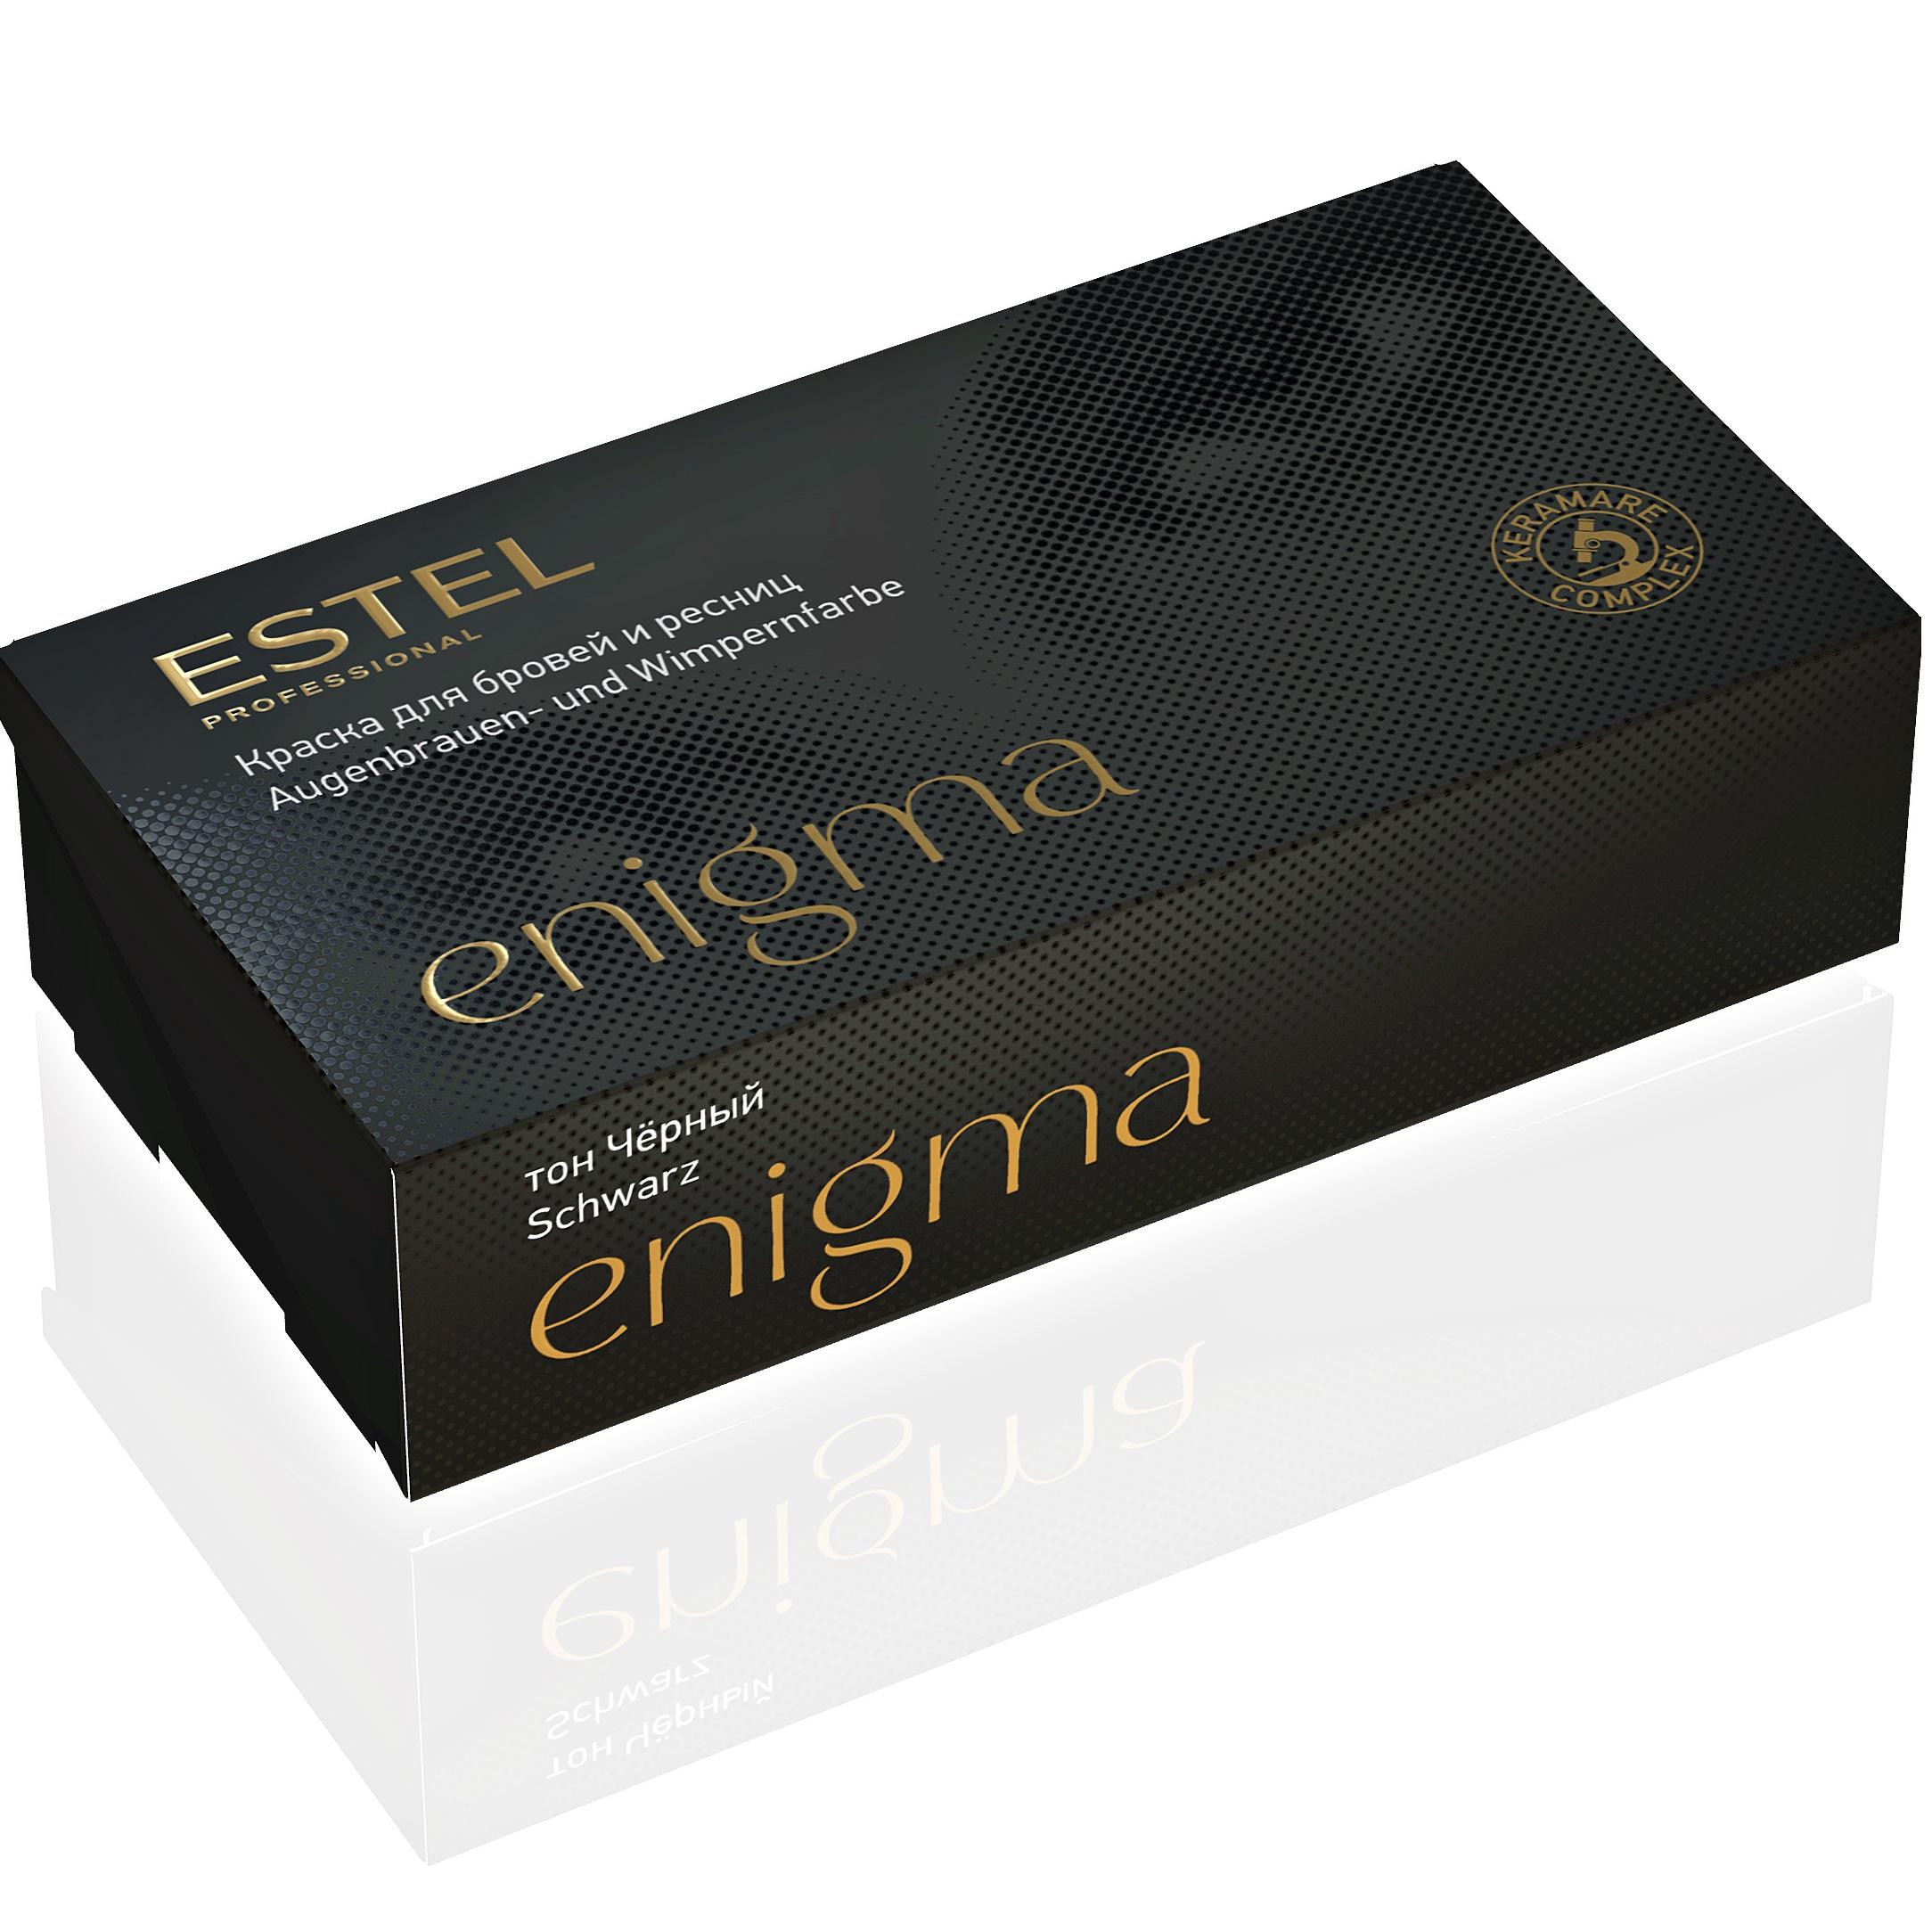 Краски для бровей и ресниц Estel, Краска для бровей и ресниц Estel Enigma EN/1 тон черный  - купить со скидкой